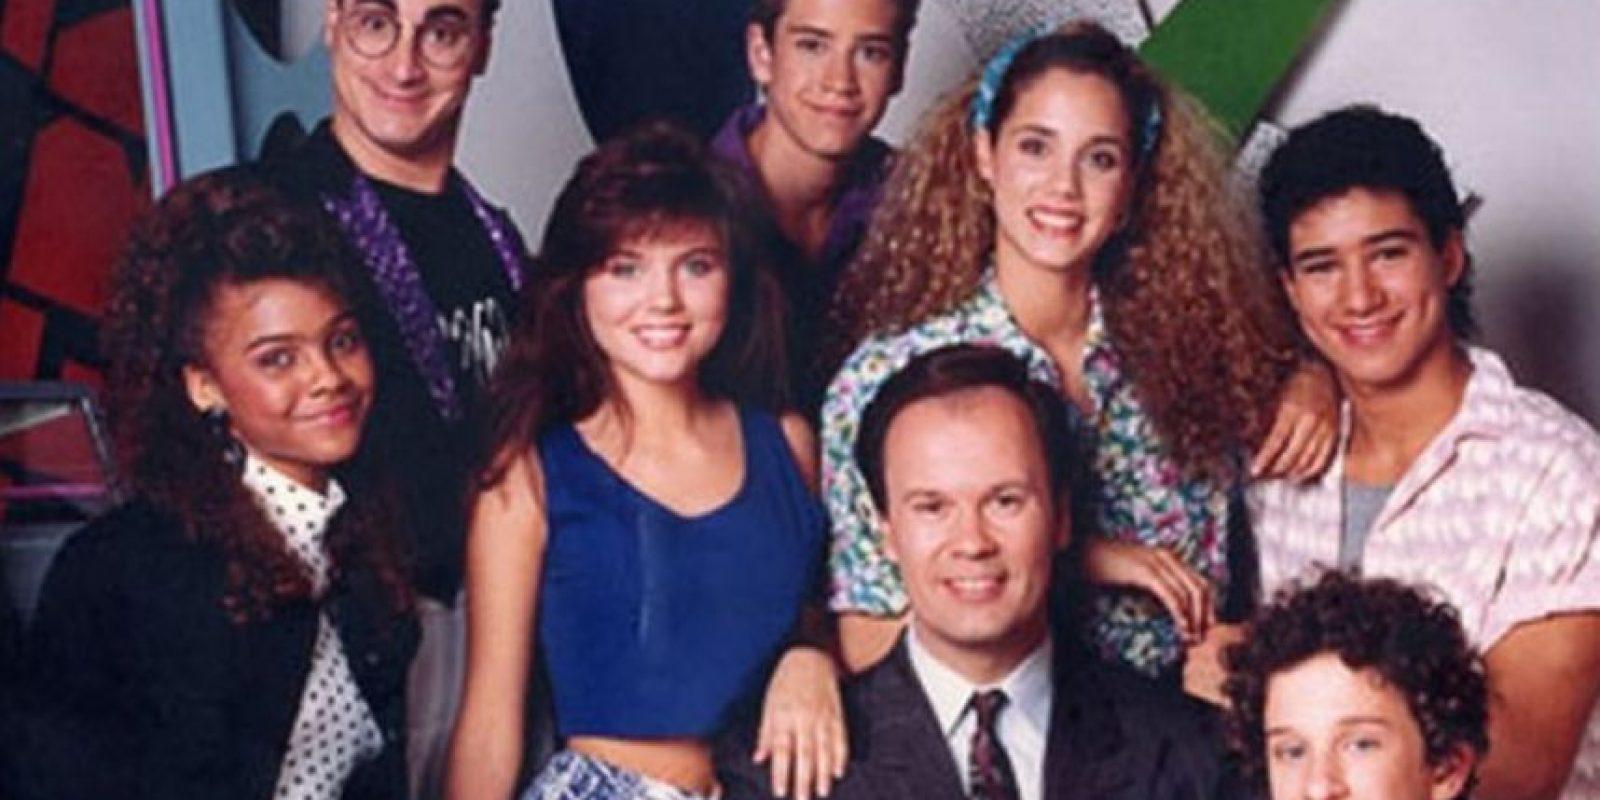 """Al parecer, la serie """"Salvados por la Campana"""" ha traído más desgracias que fortuna a sus integrantes. Foto:vía NBC"""